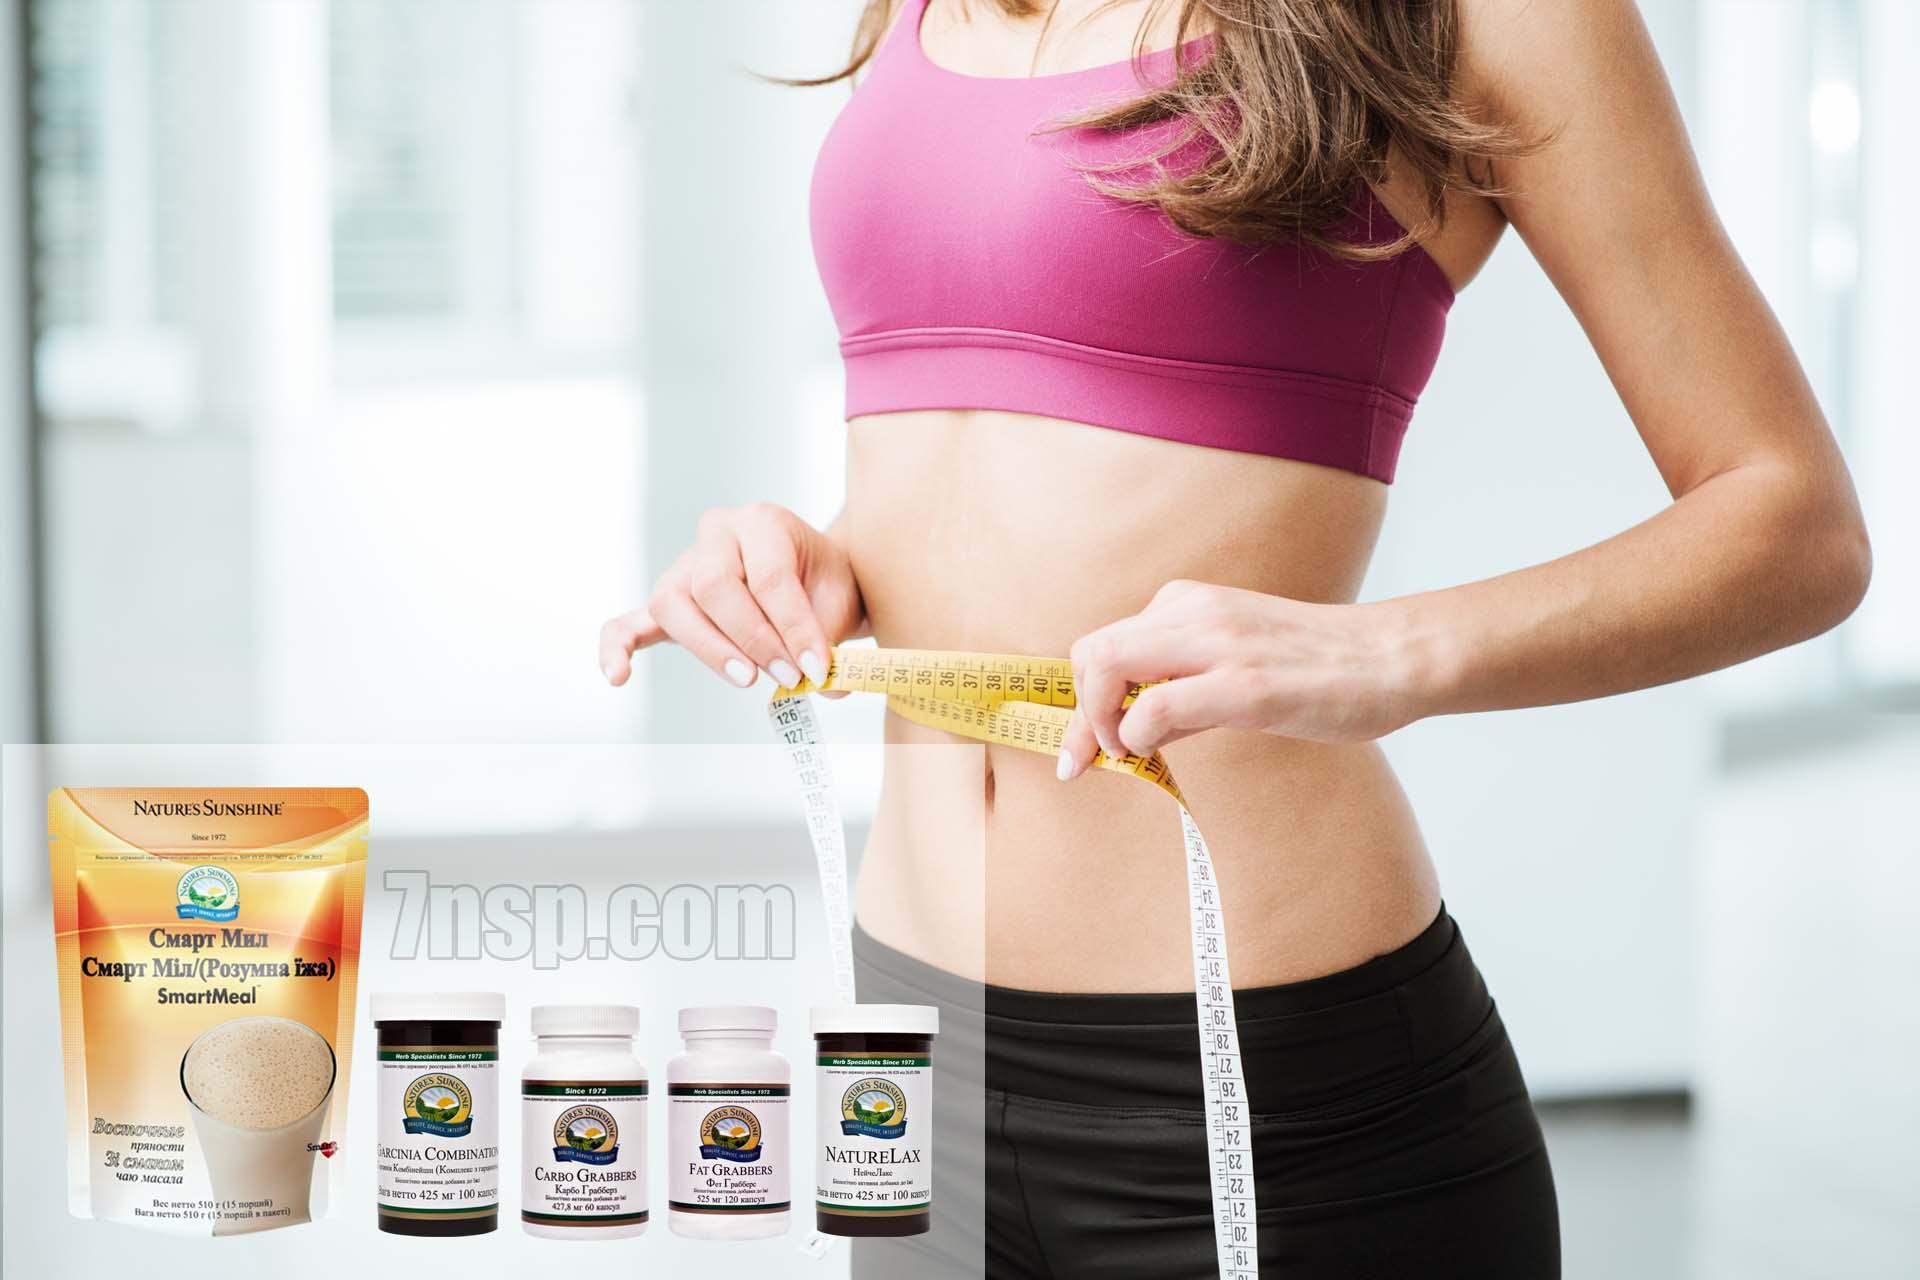 Средства Похудения Для Девушек. Таблетки для похудения рейтинг препаратов